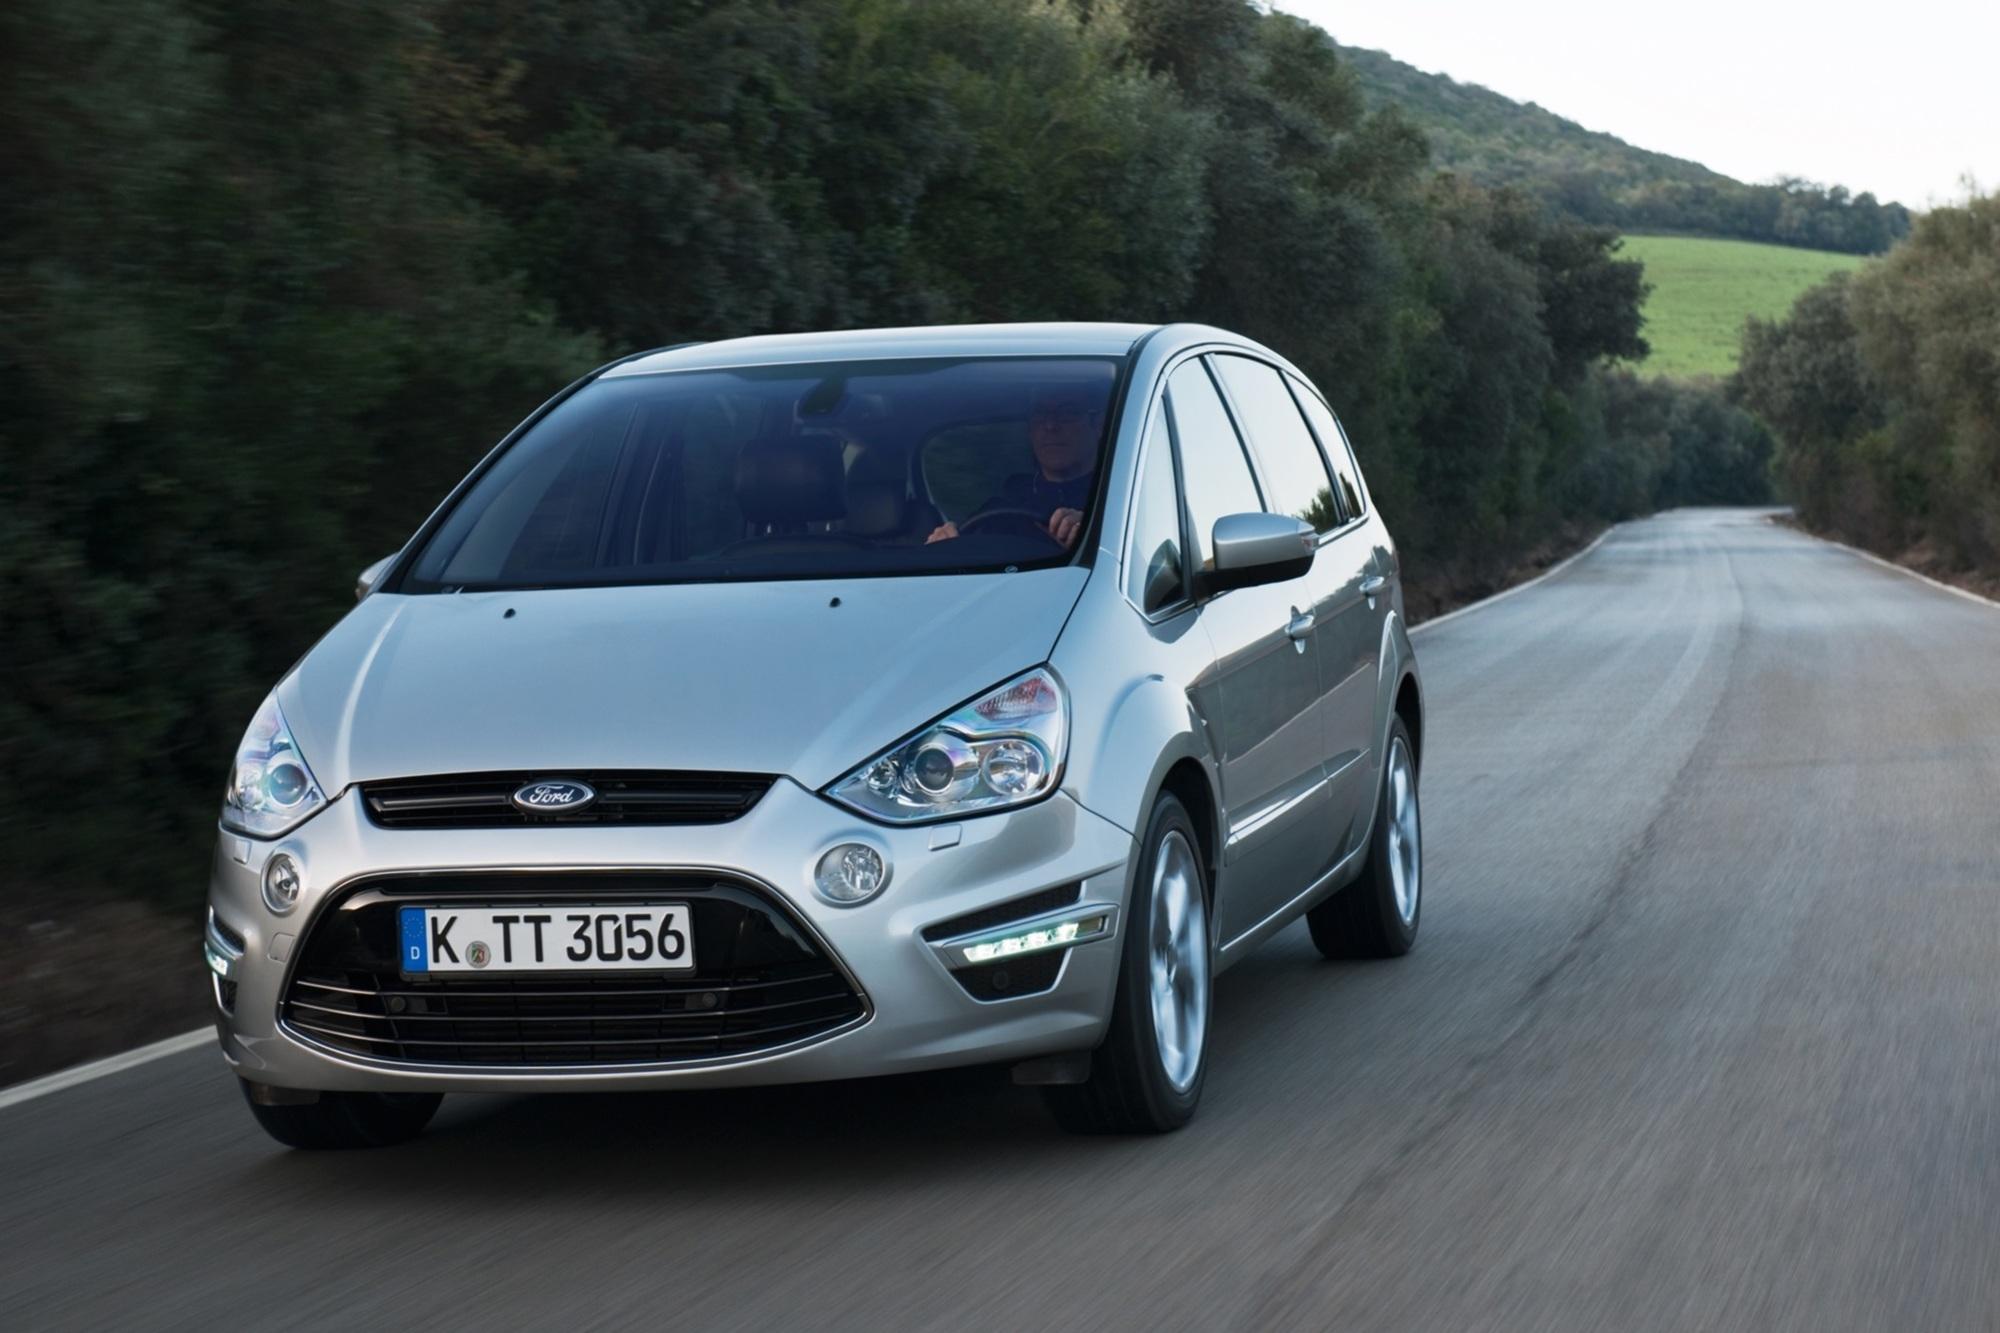 Gebrauchtwagen-Check: Ford S-Max - Ein fast perfekter Praktiker